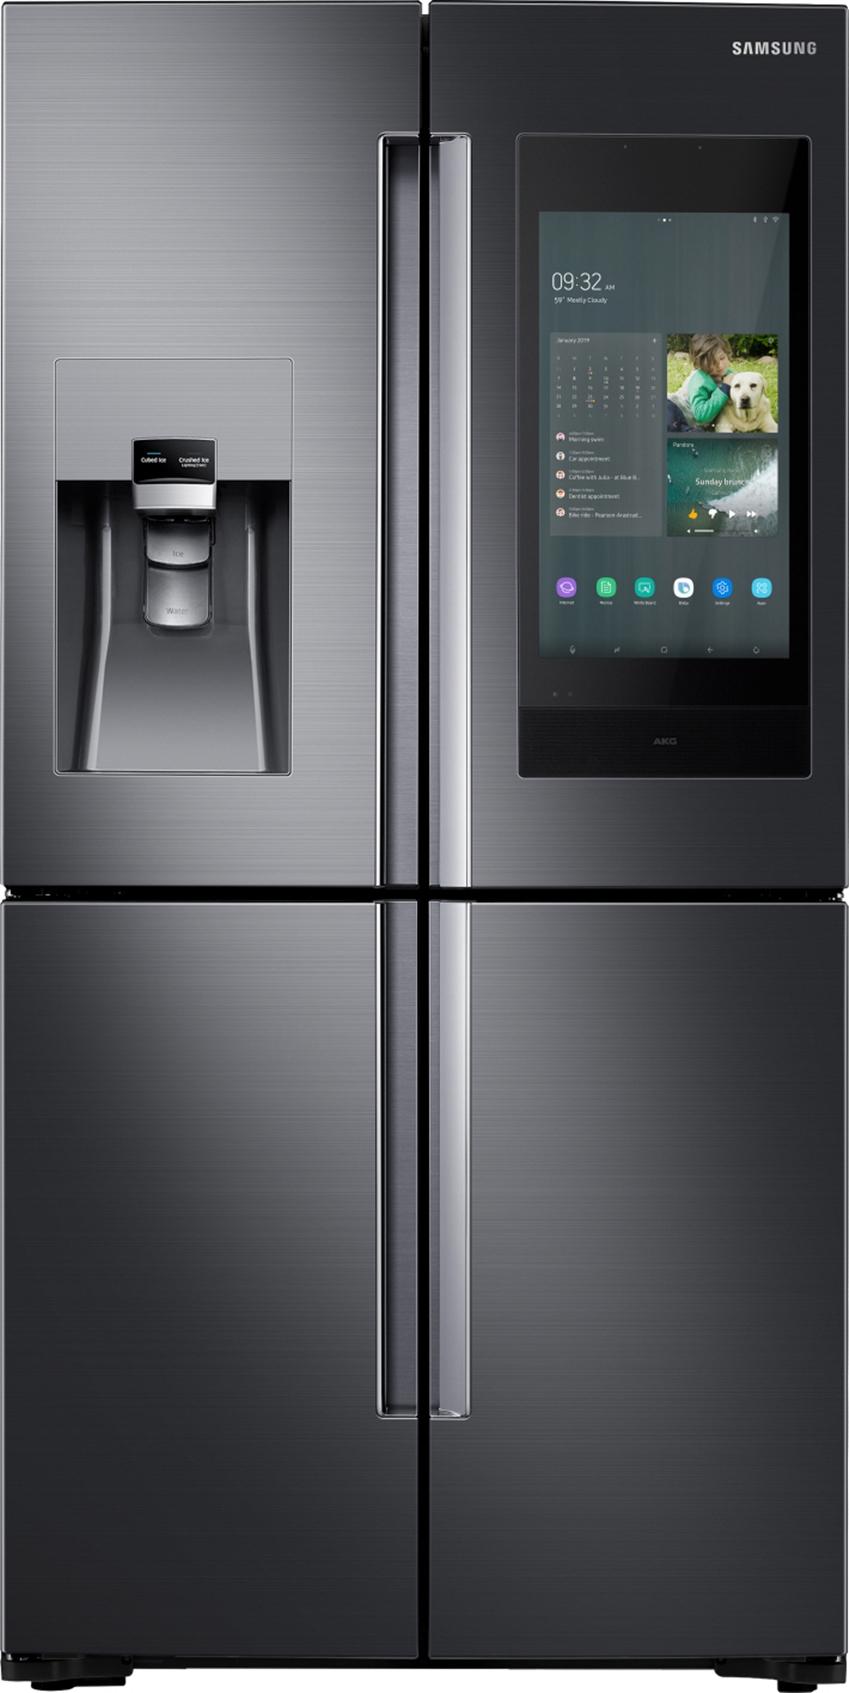 삼성전자가 미국 라스베이거스에서 열리는 세계 최대 전자 전시회 CES 2019에서 4년 연속 CES 혁신상을 수상한 2019년형 '패밀리허브' 냉장고 신제품을 공개했다. 사진 1은 삼성 2019년형 패밀리허브 제품(모델명: RF22N9781SG)